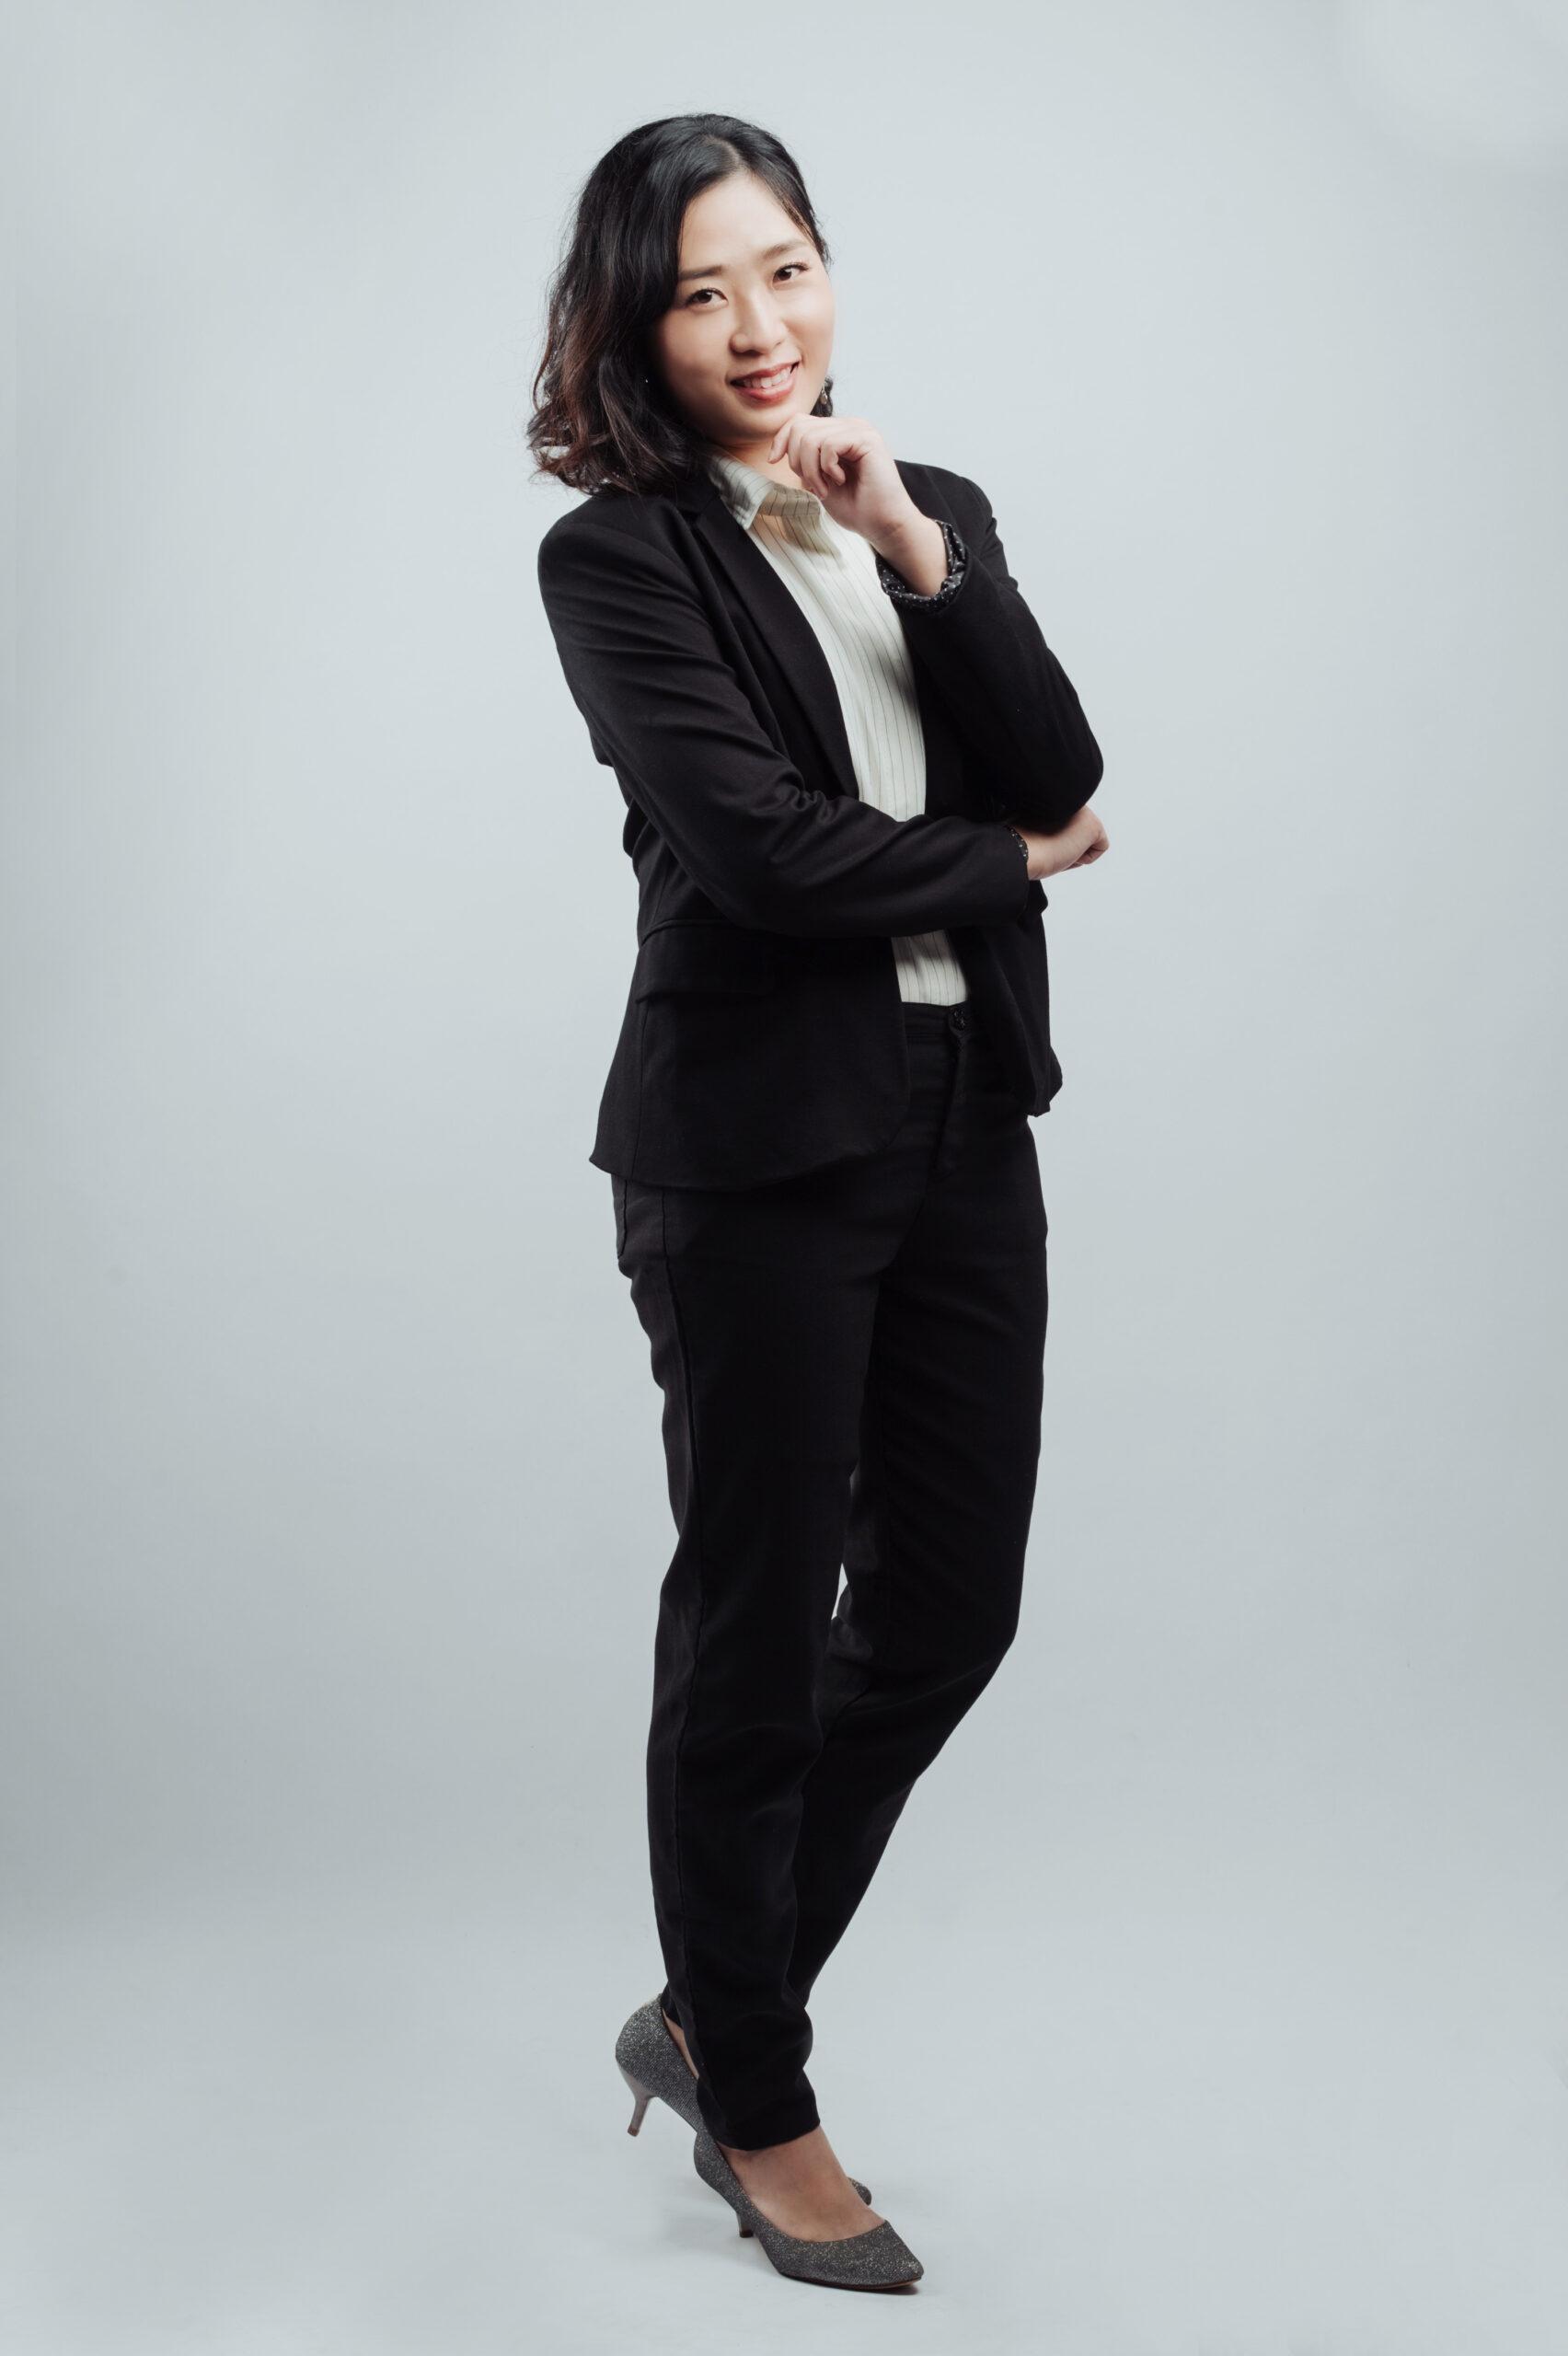 Wendy Goh